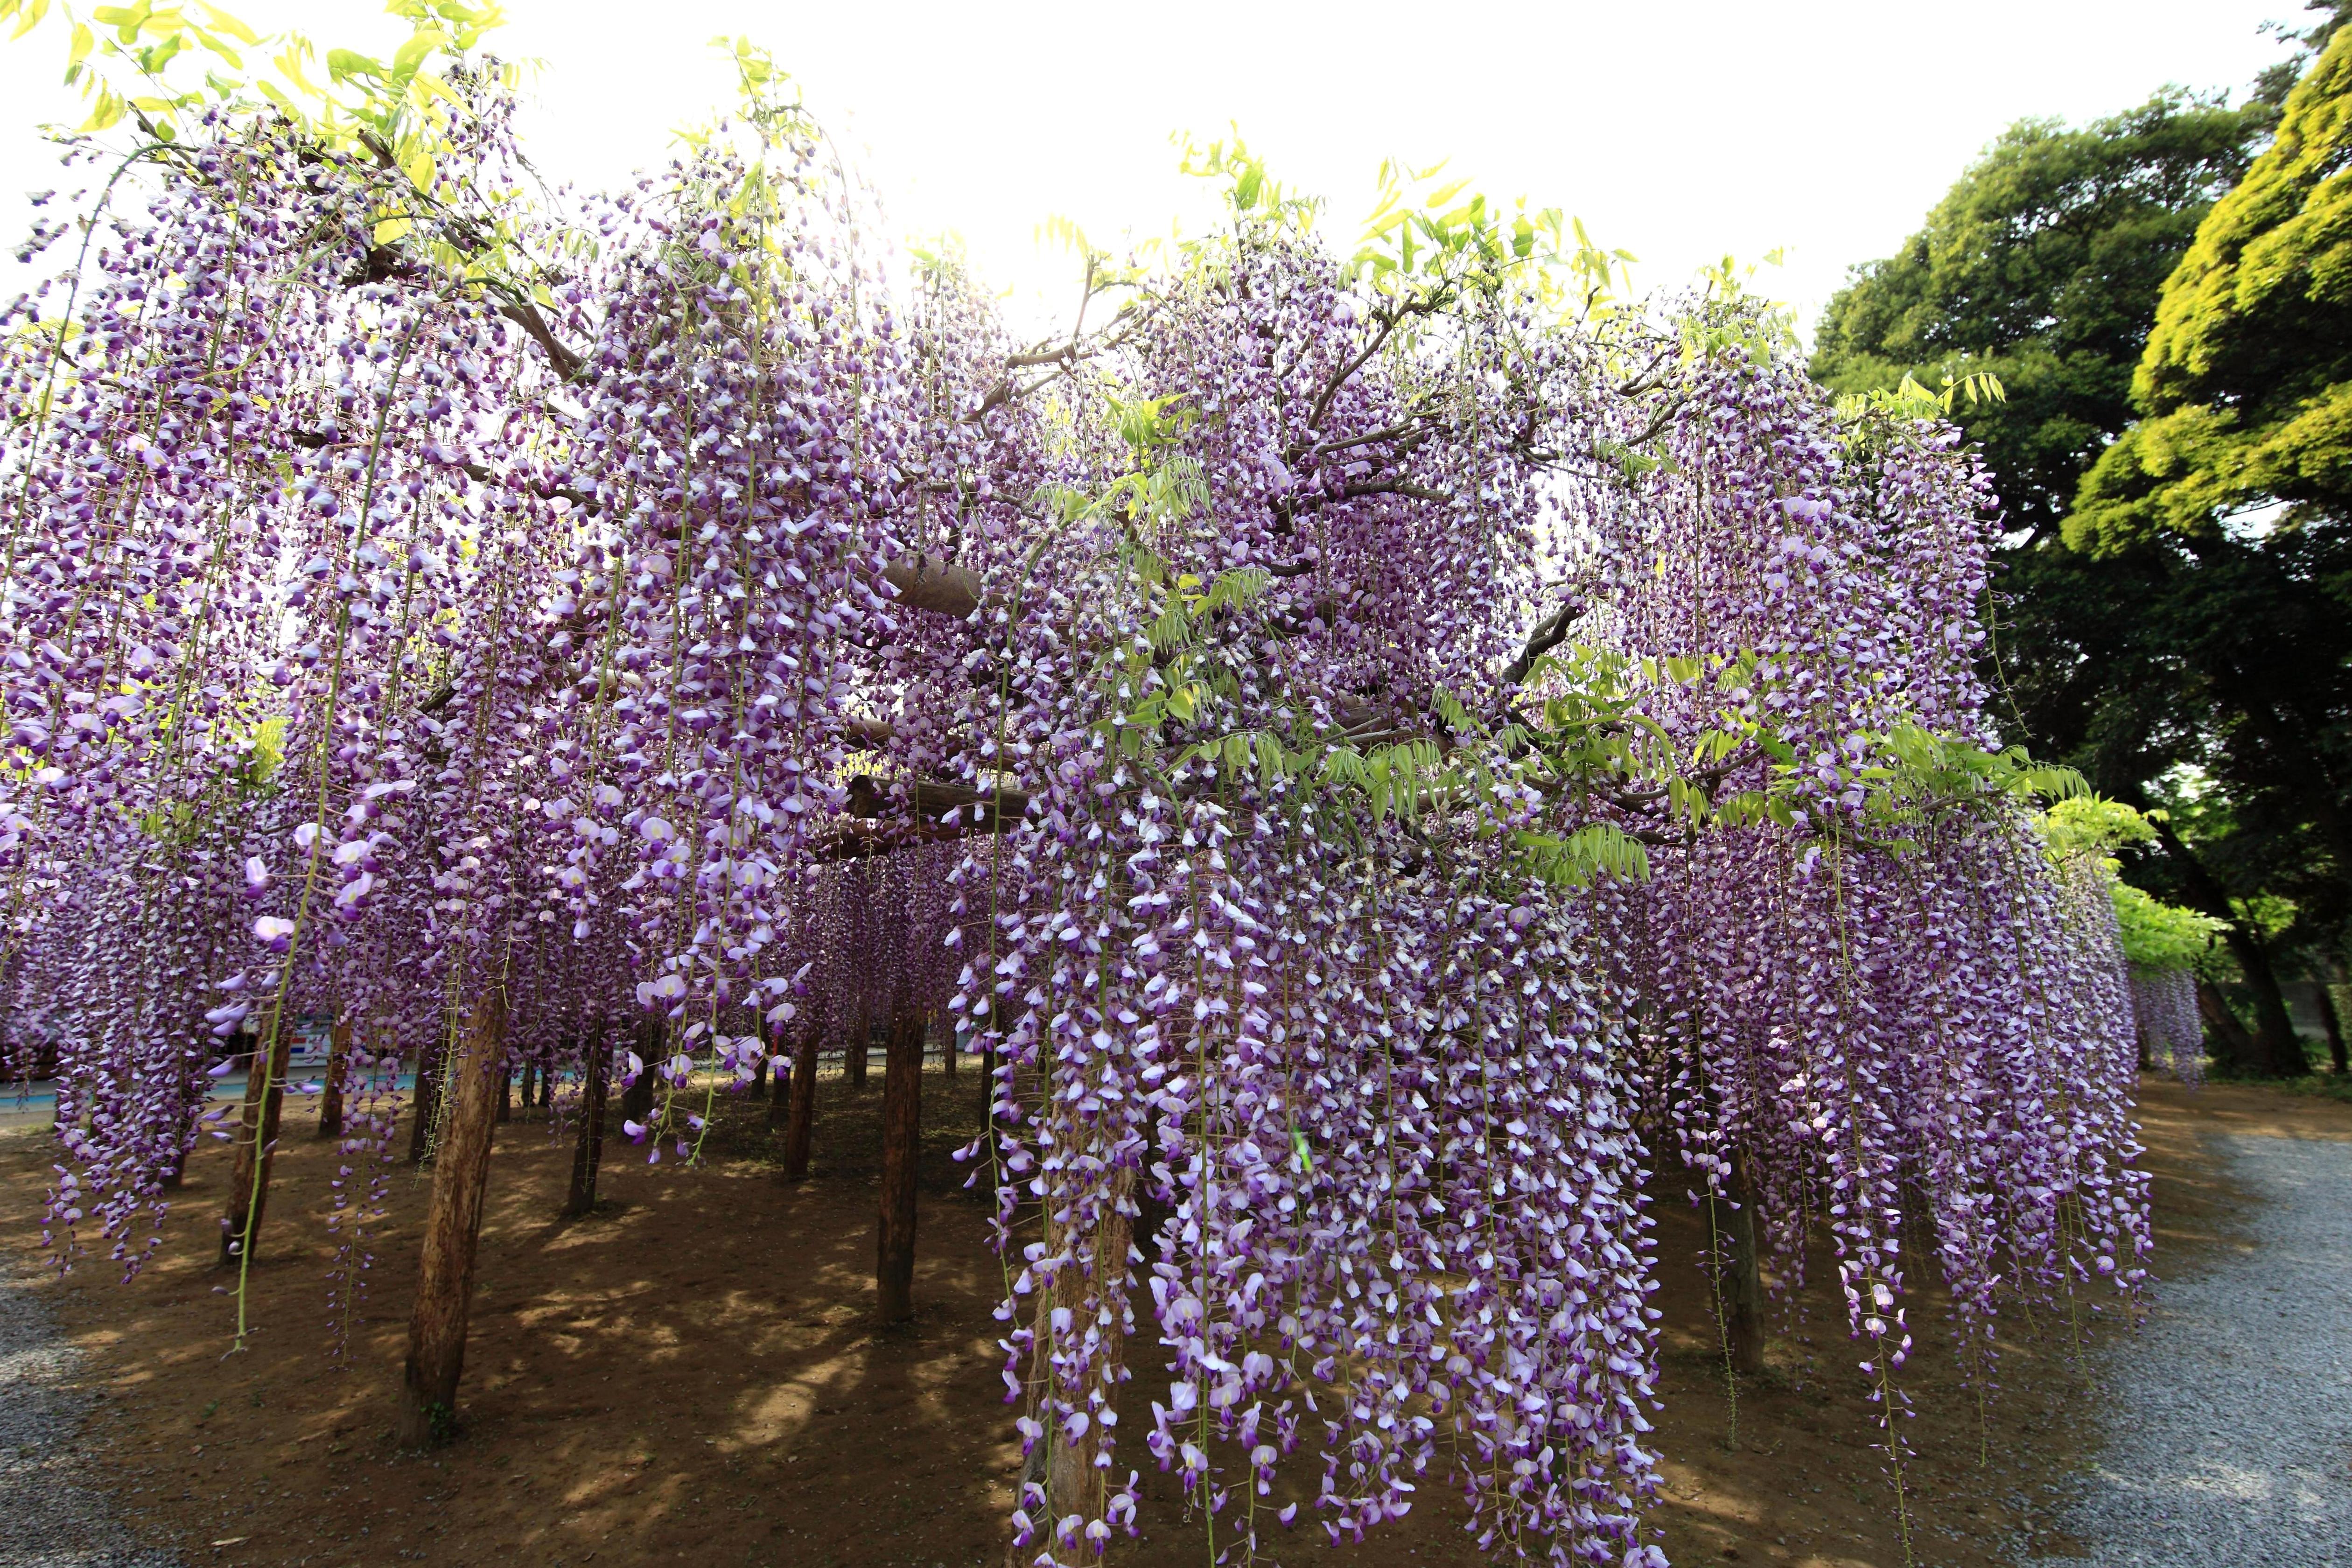 Image libre: fleur, acacia, parc, flore, nature, arbre, jardin ...